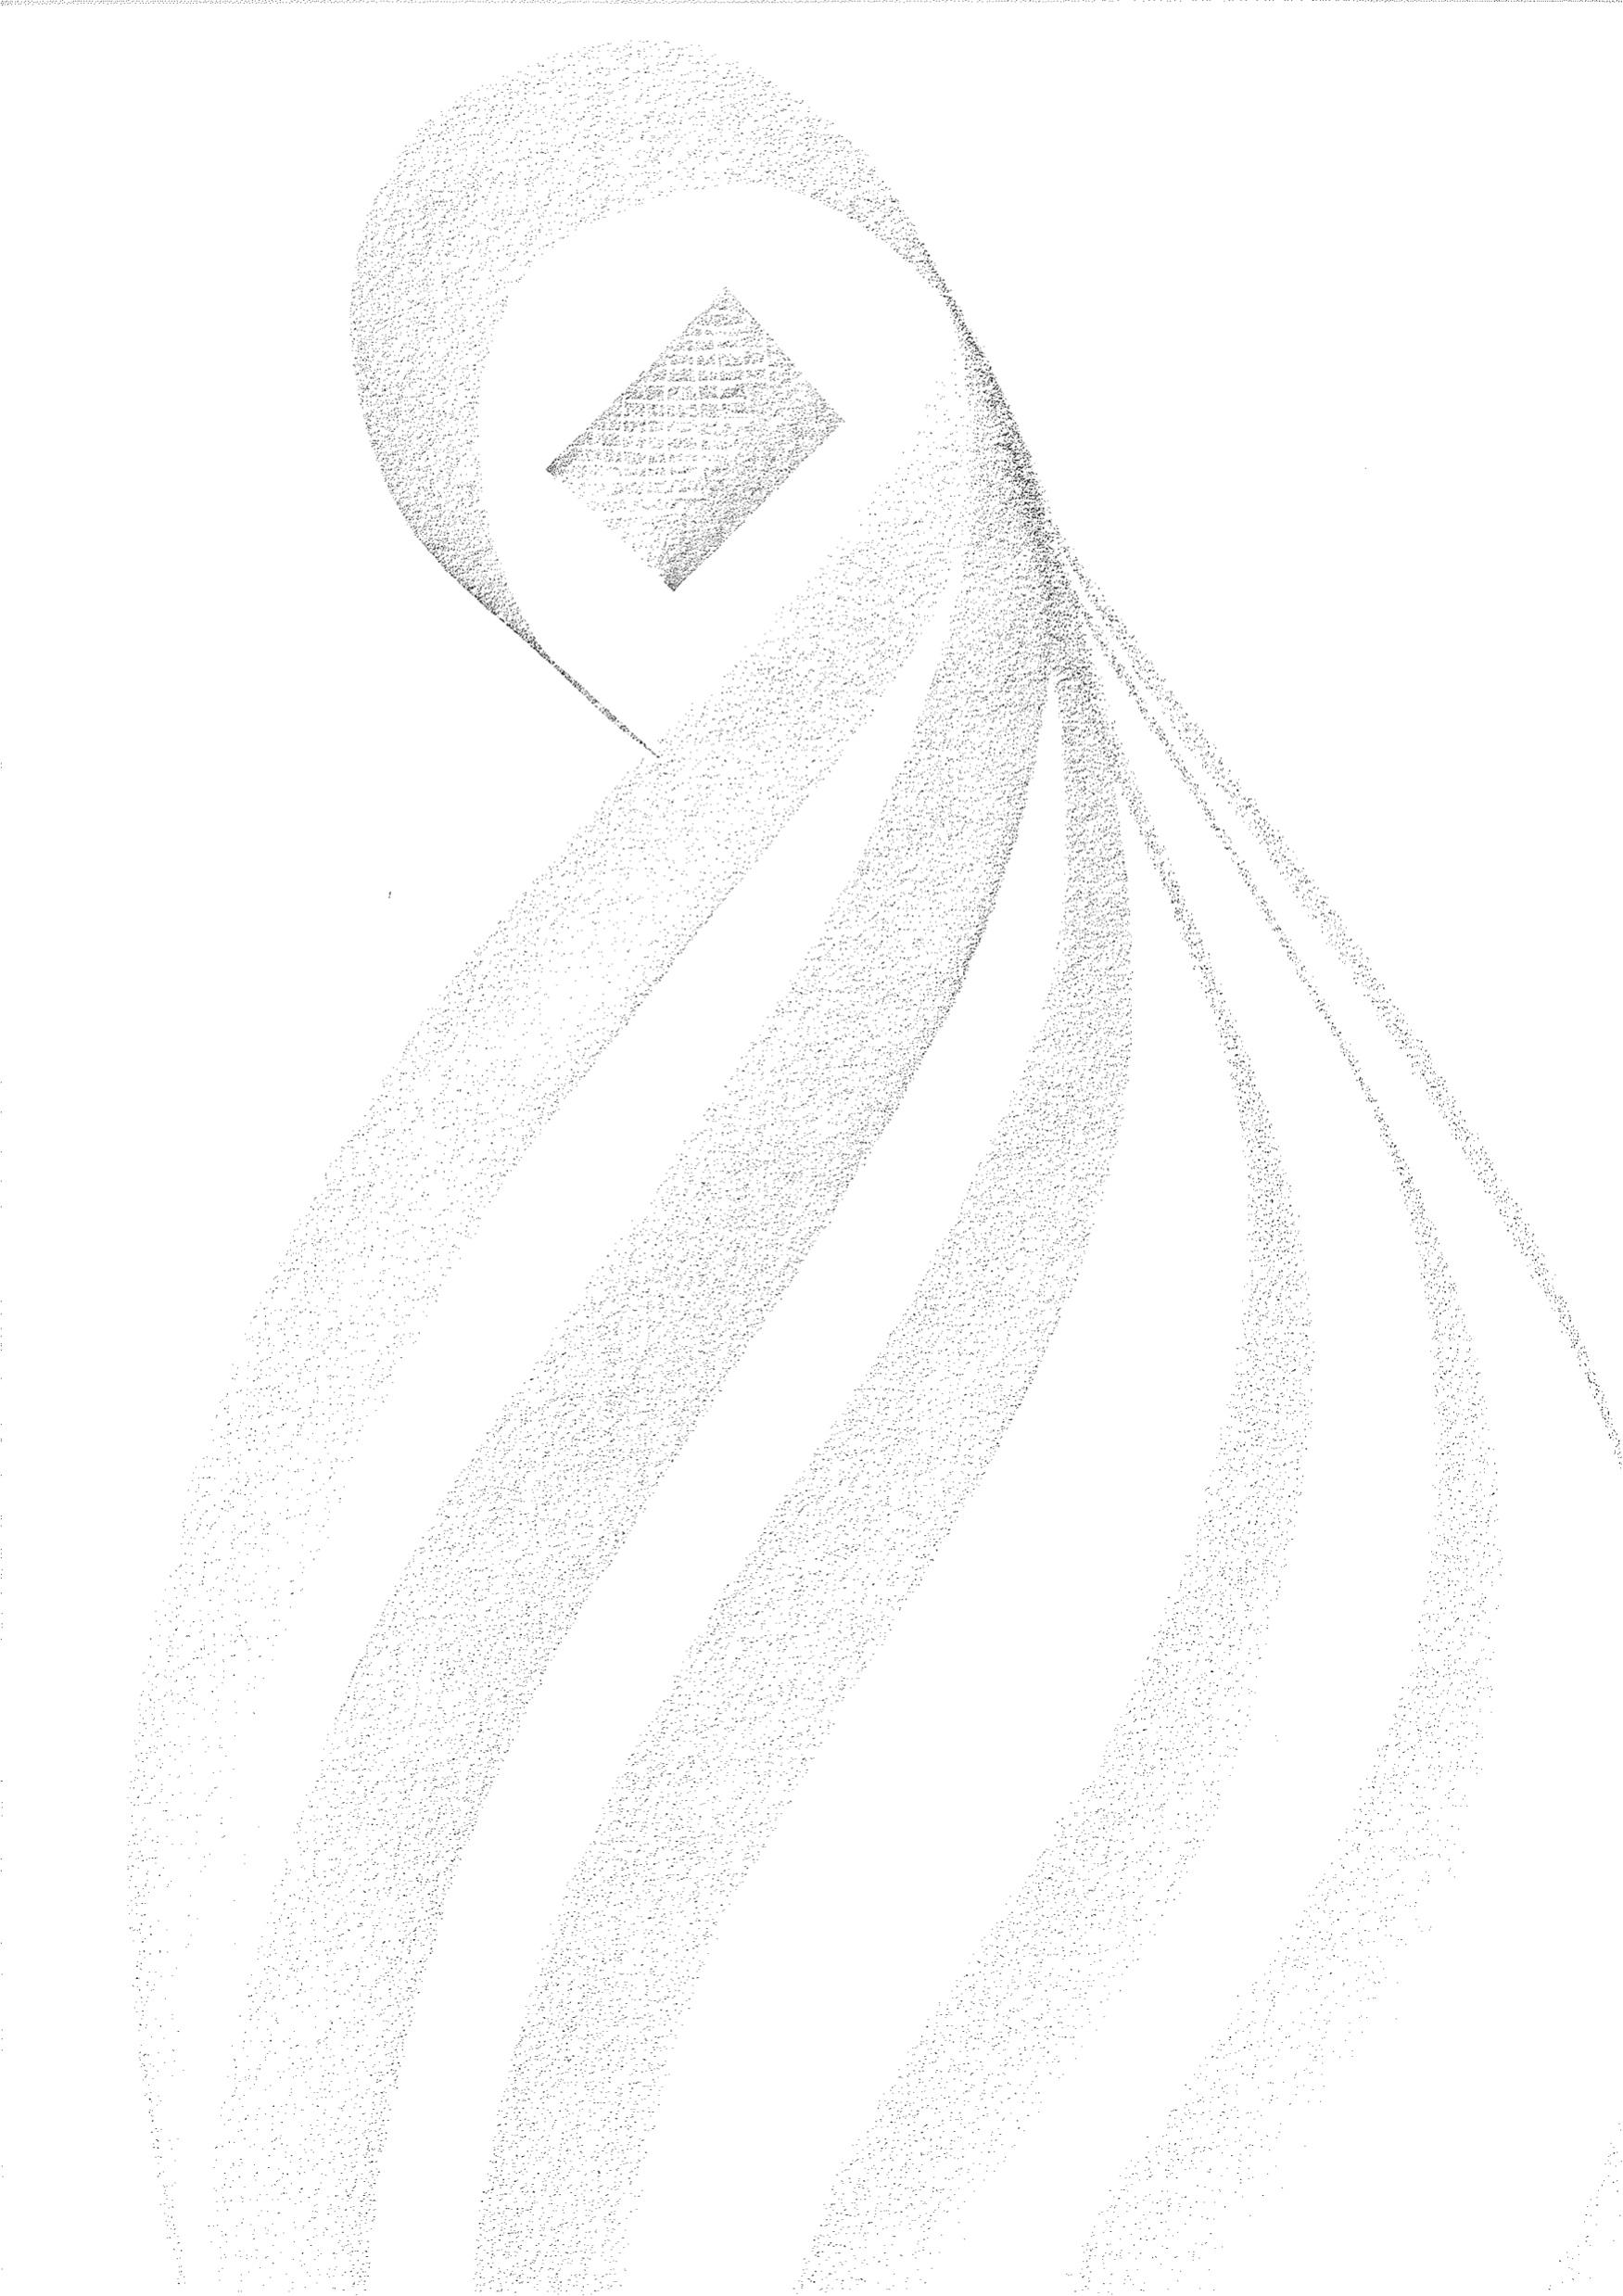 <p><span>L'effroi voilé</span>, 2013<br>Format: 75 x 59 cm</p>